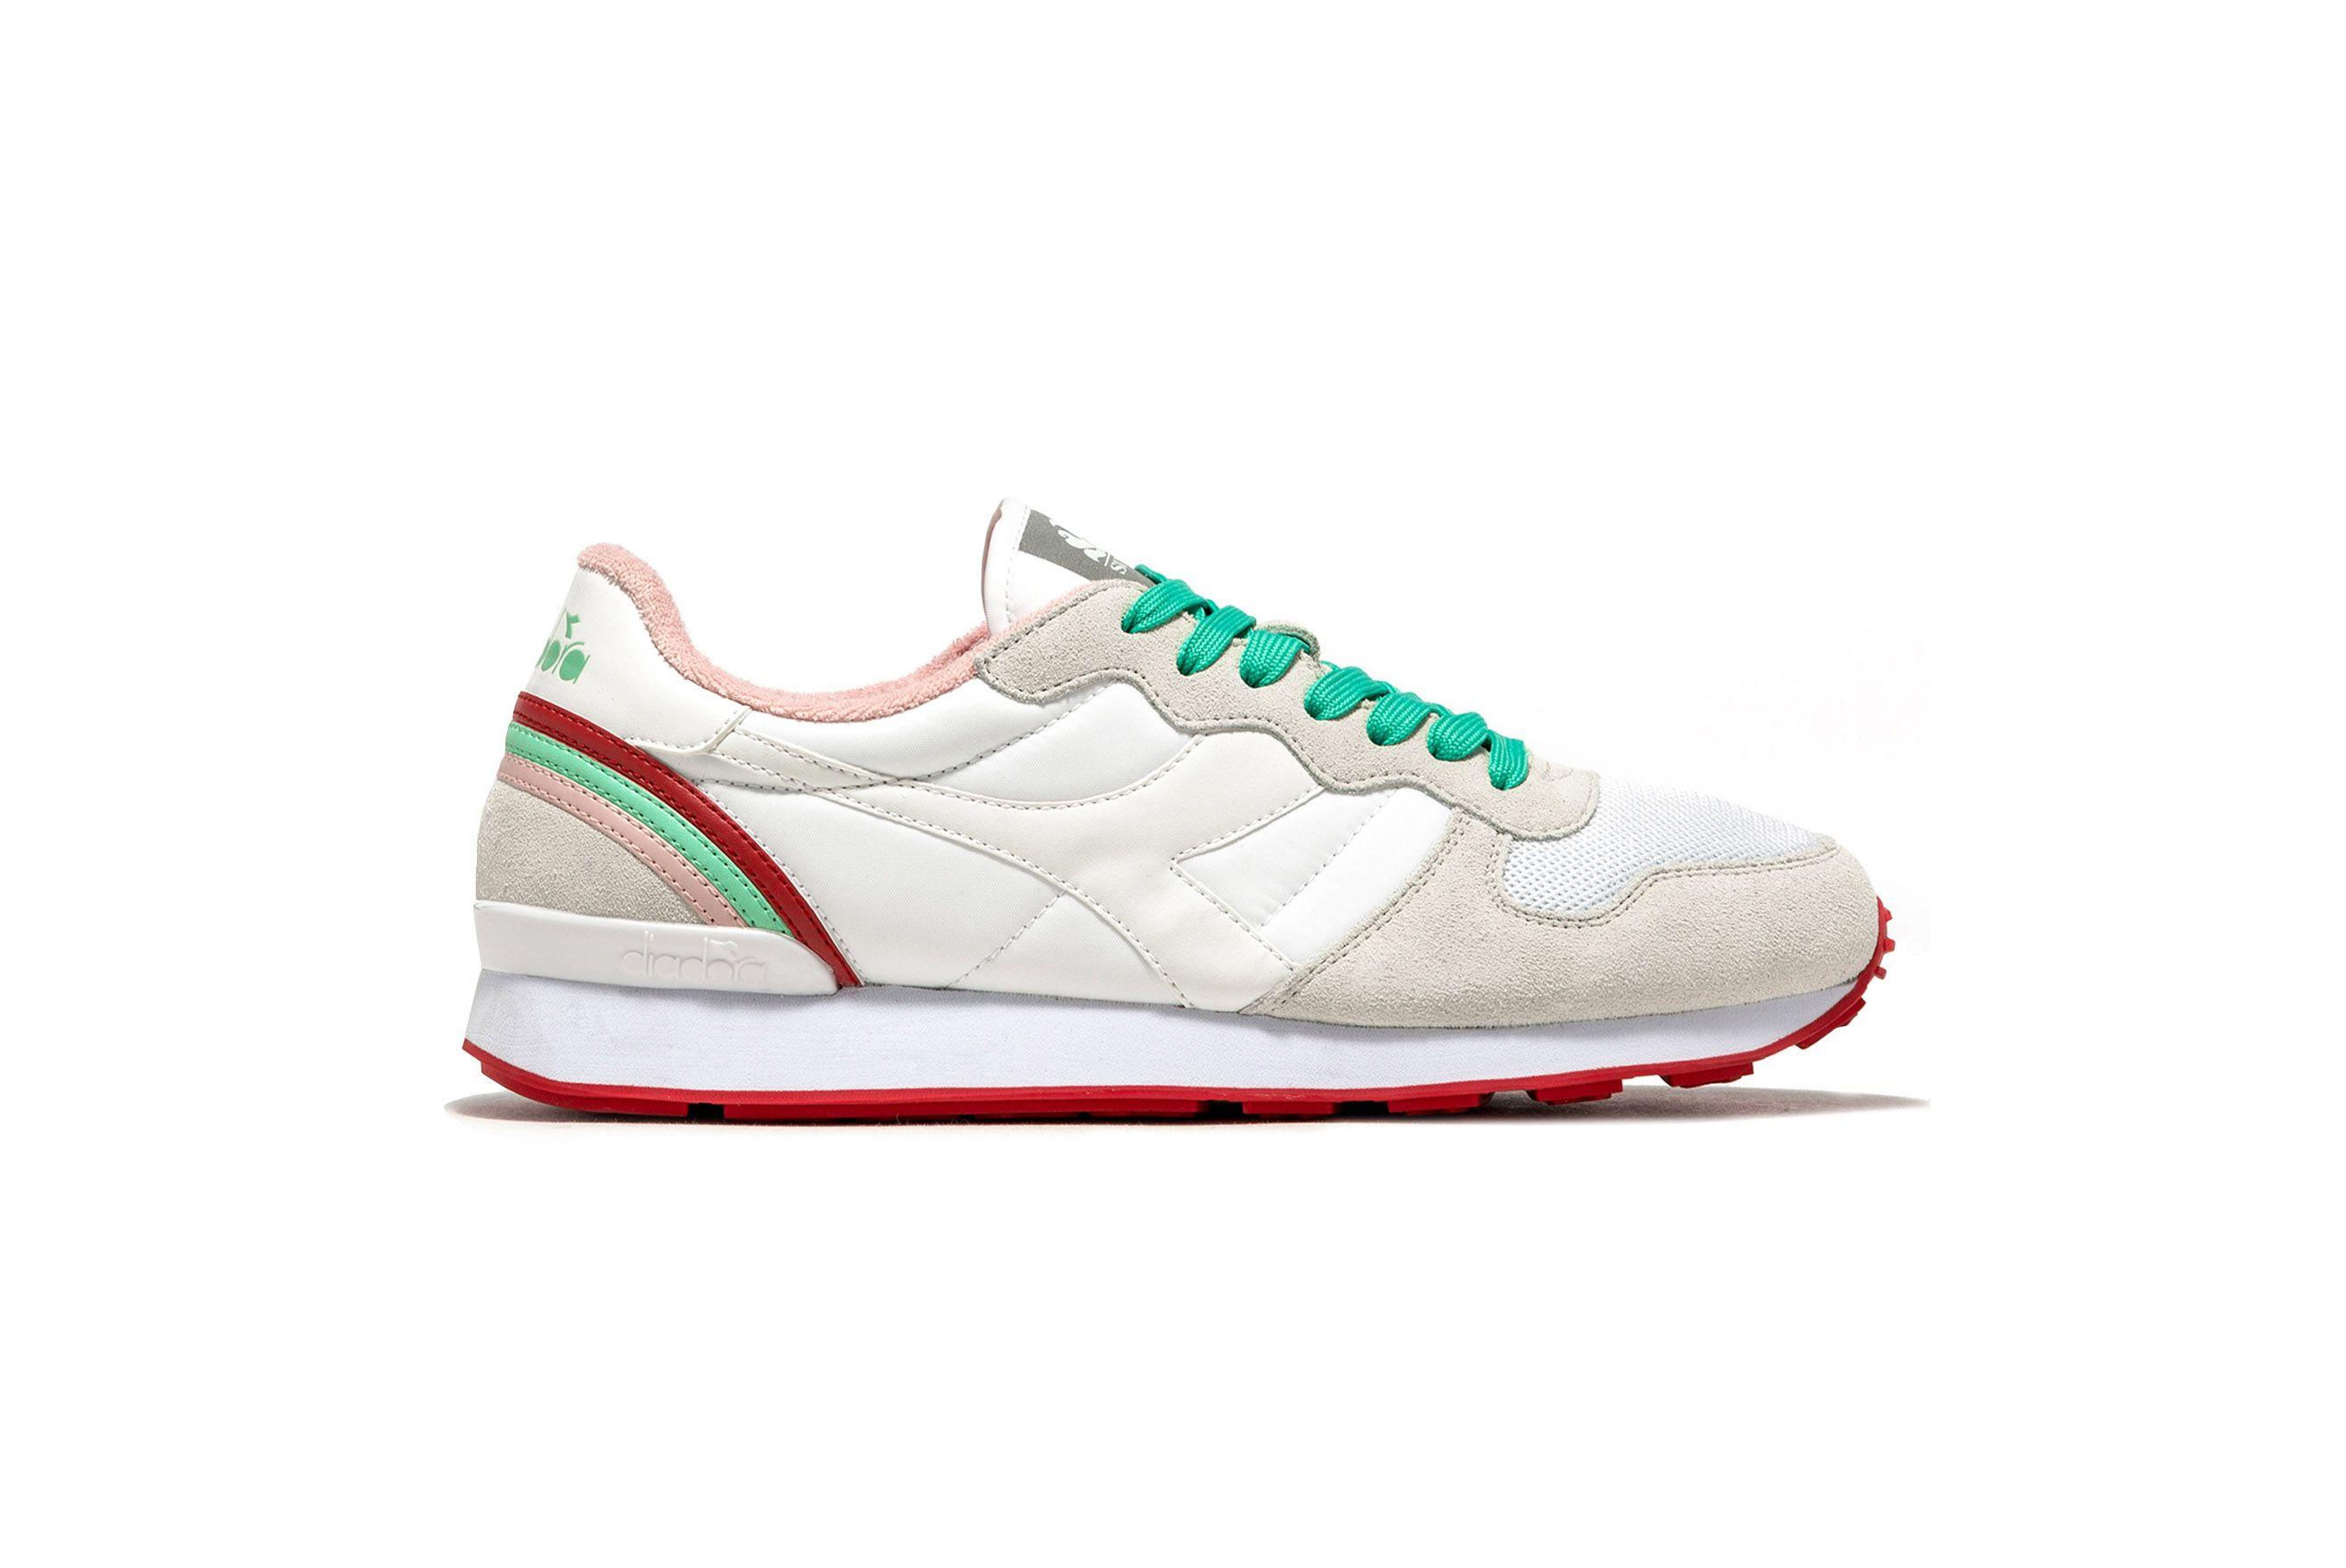 Diadora Camaro Rainbow Shoes Sundek Diadora 7329 Sneaker Freaker